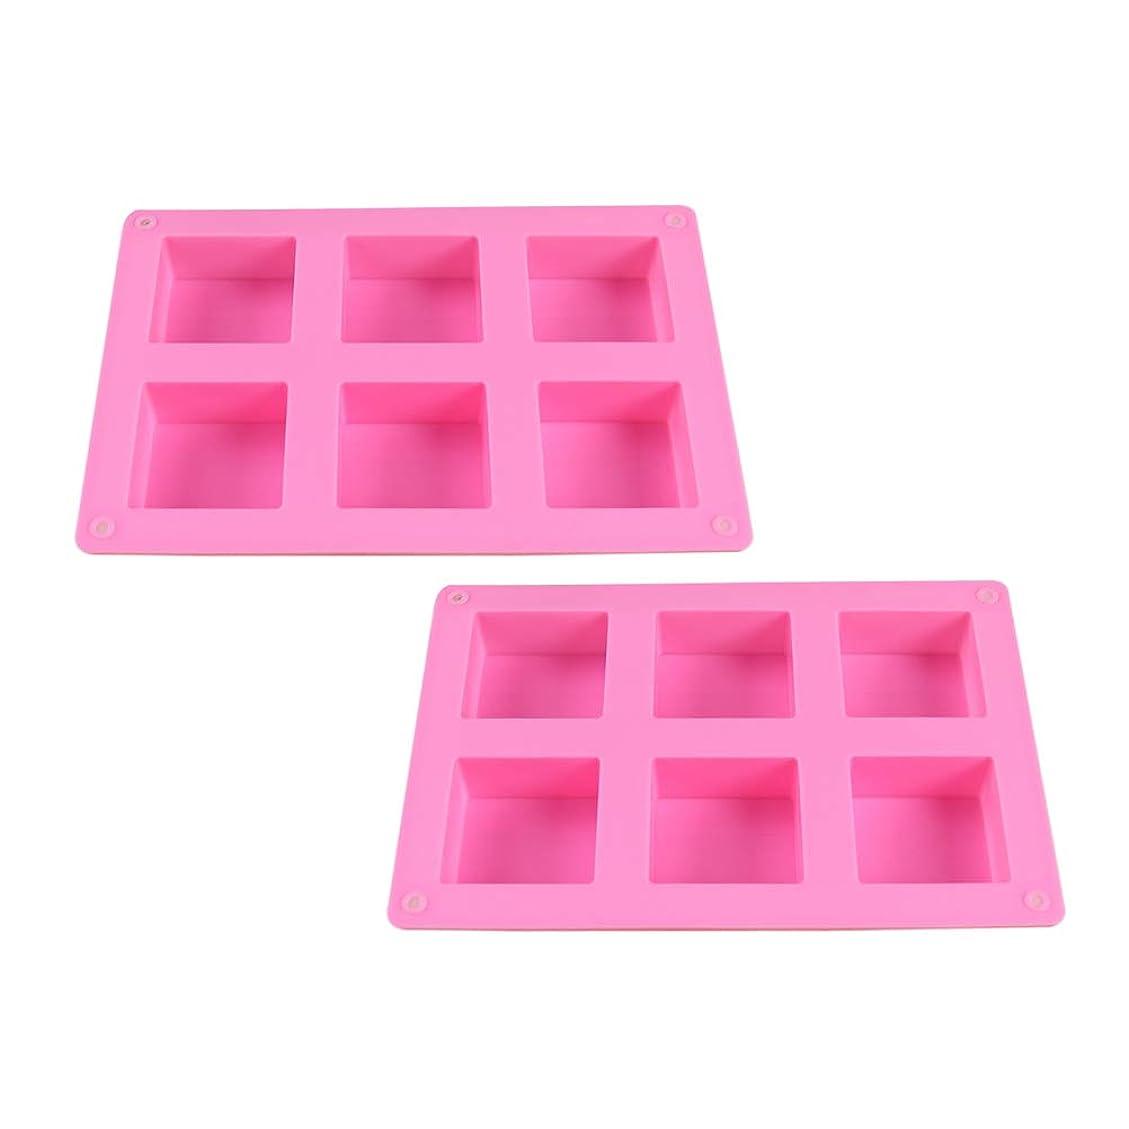 橋脚人種咽頭HEALIFTY DIYのケーキのベーキング型のための6つのキャビティシリコーンの石鹸型との石鹸作りのための2PCS石鹸型